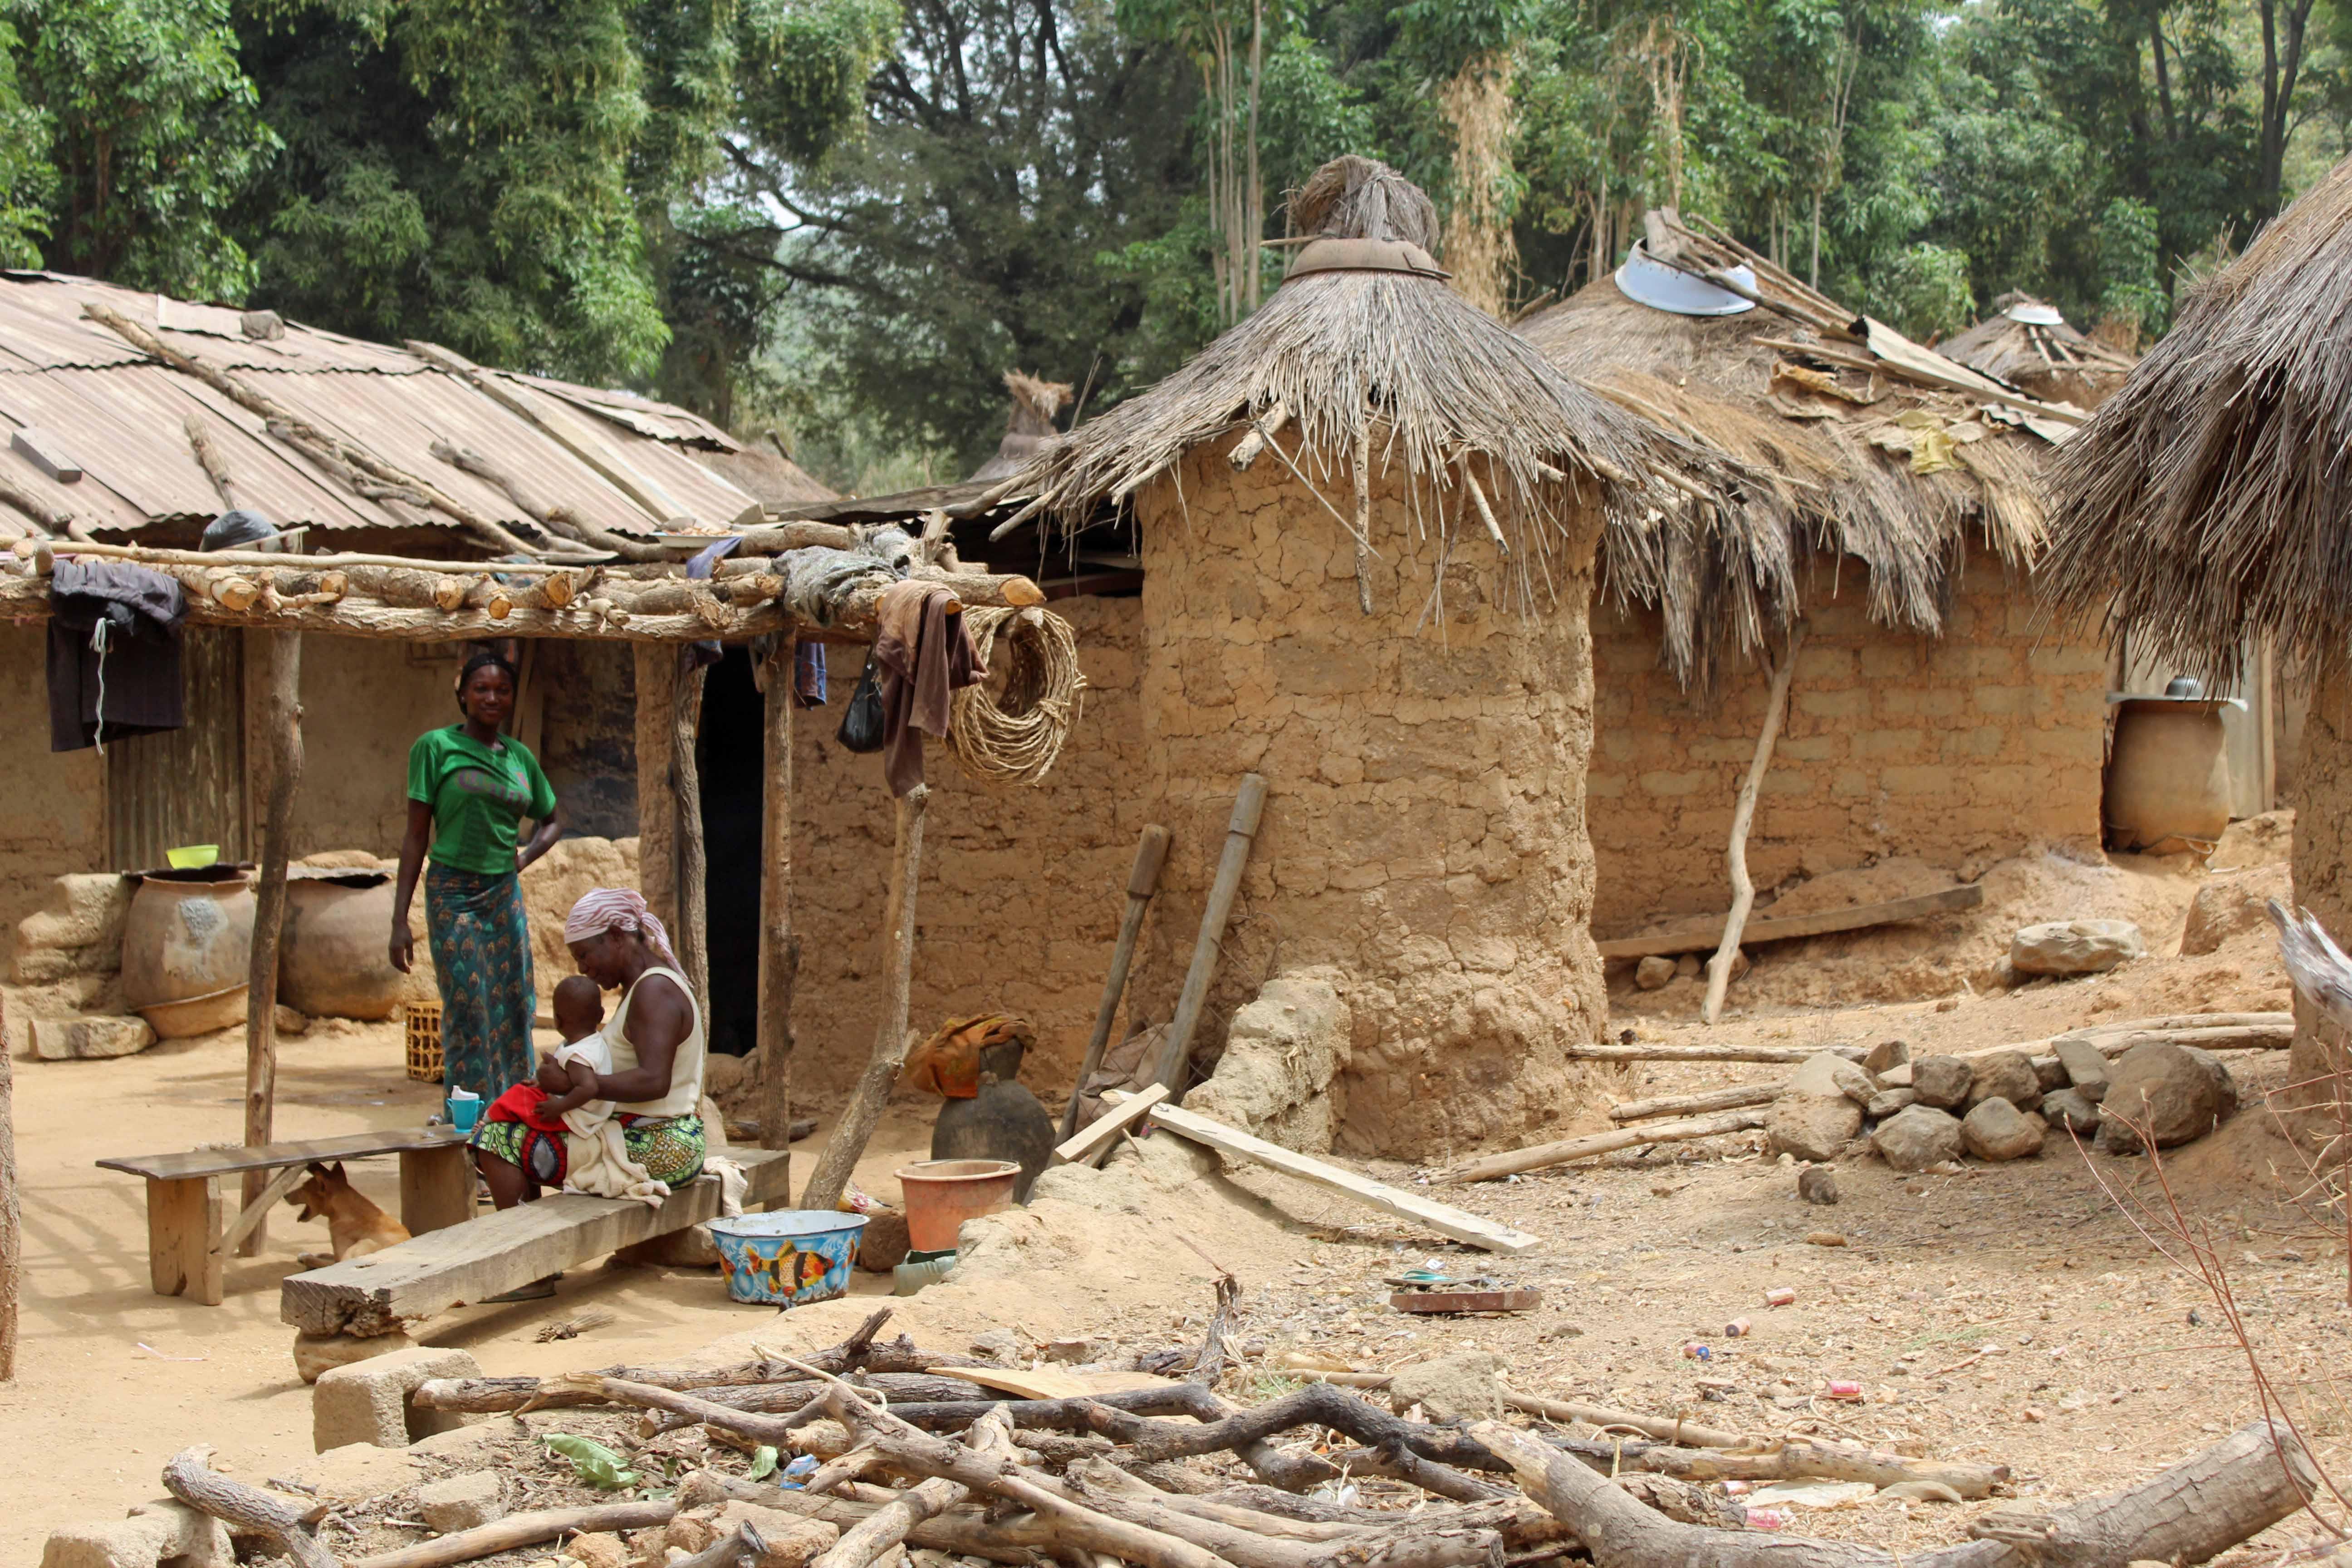 Langa Langa Village (Picture of The Week 03-20-15)